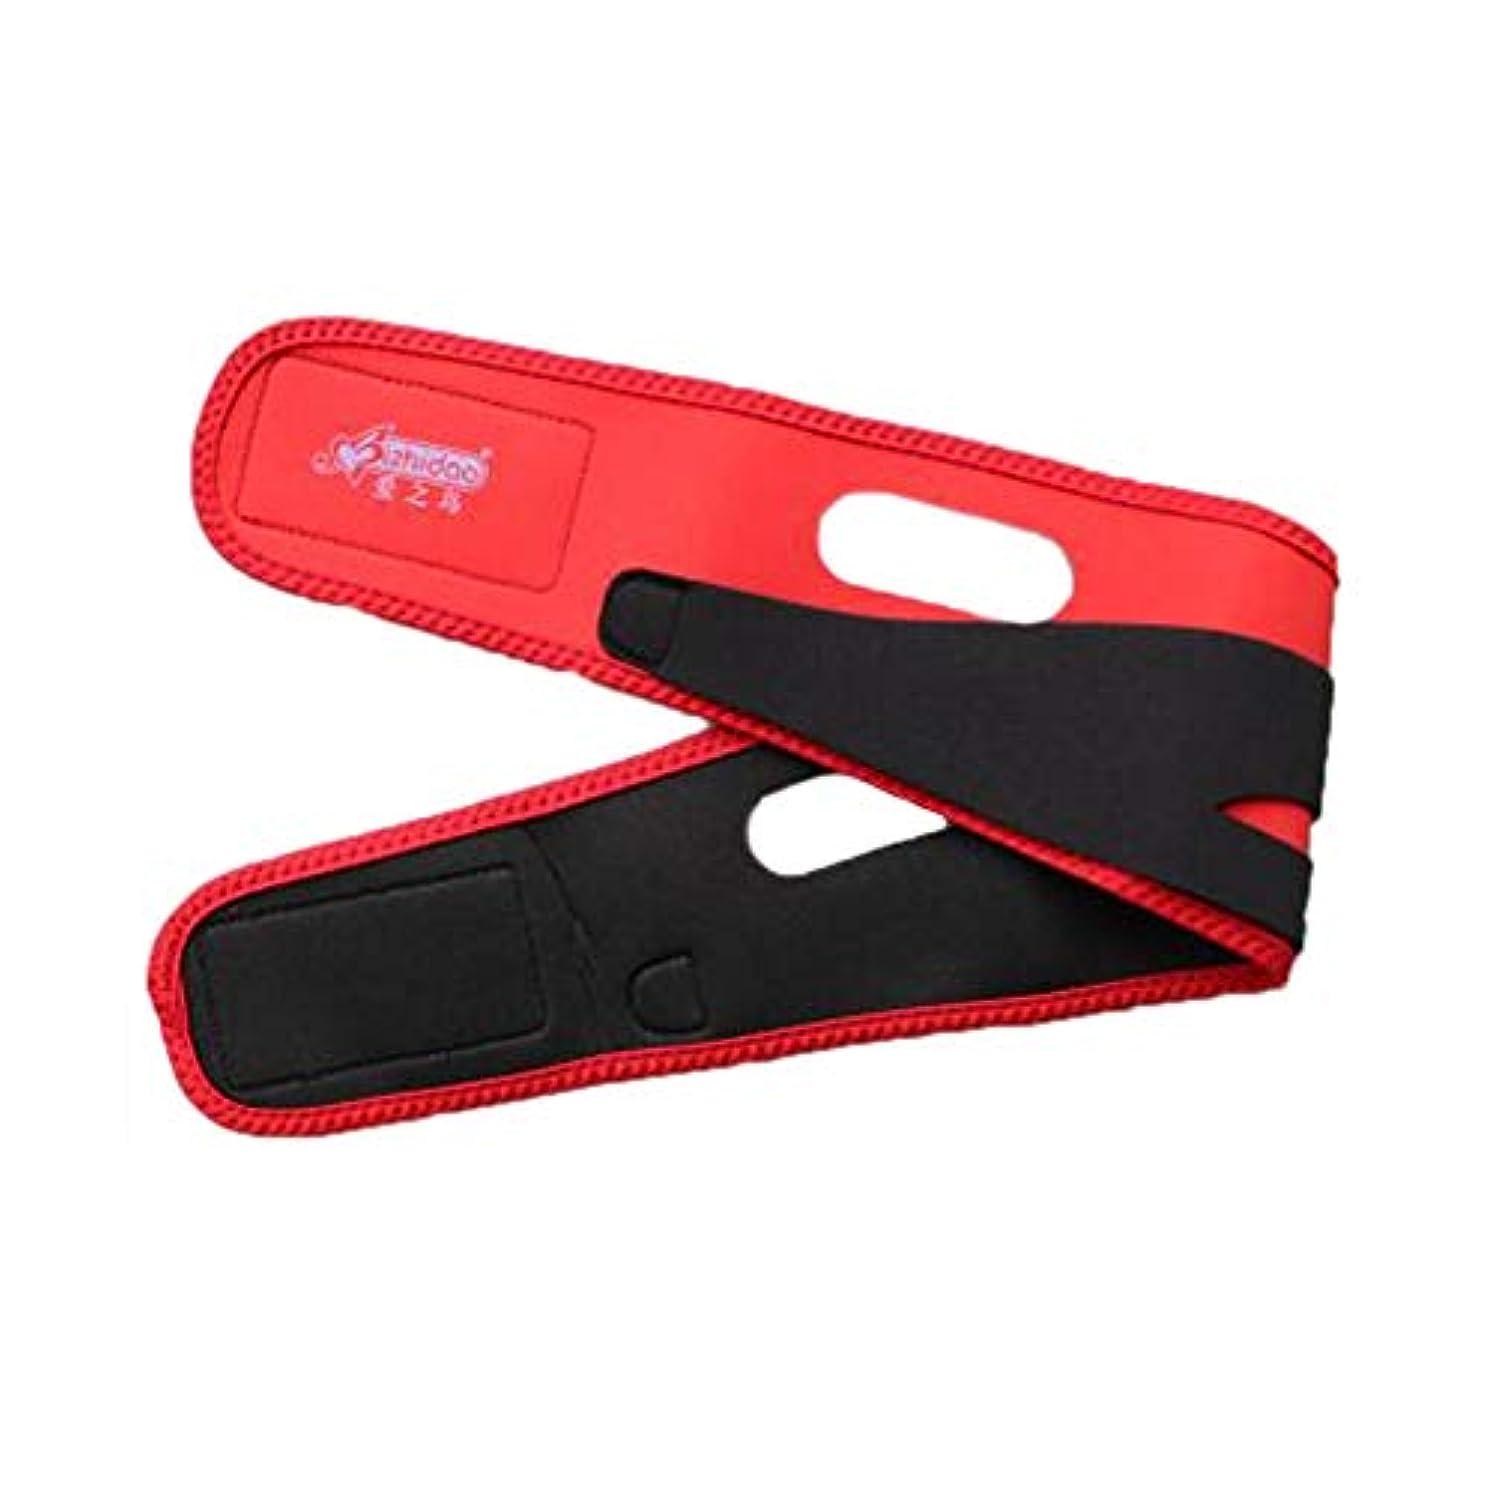 流行している説明事実フェイススリミングバンデージ、ダブルチンケア減量、フェイシャルリフティングバンデージ、フェイスマッサージマスク、ダブルチンストラップ(フリーサイズ) (Color : Red)